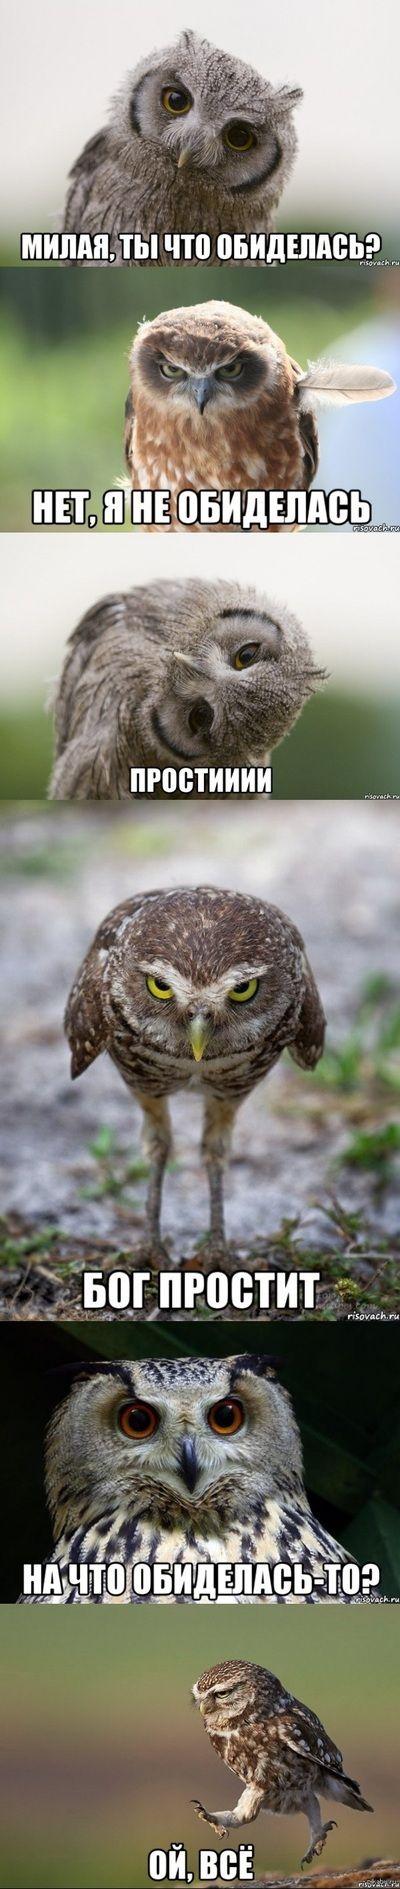 сих ой все картинки приколы сова заботу близких